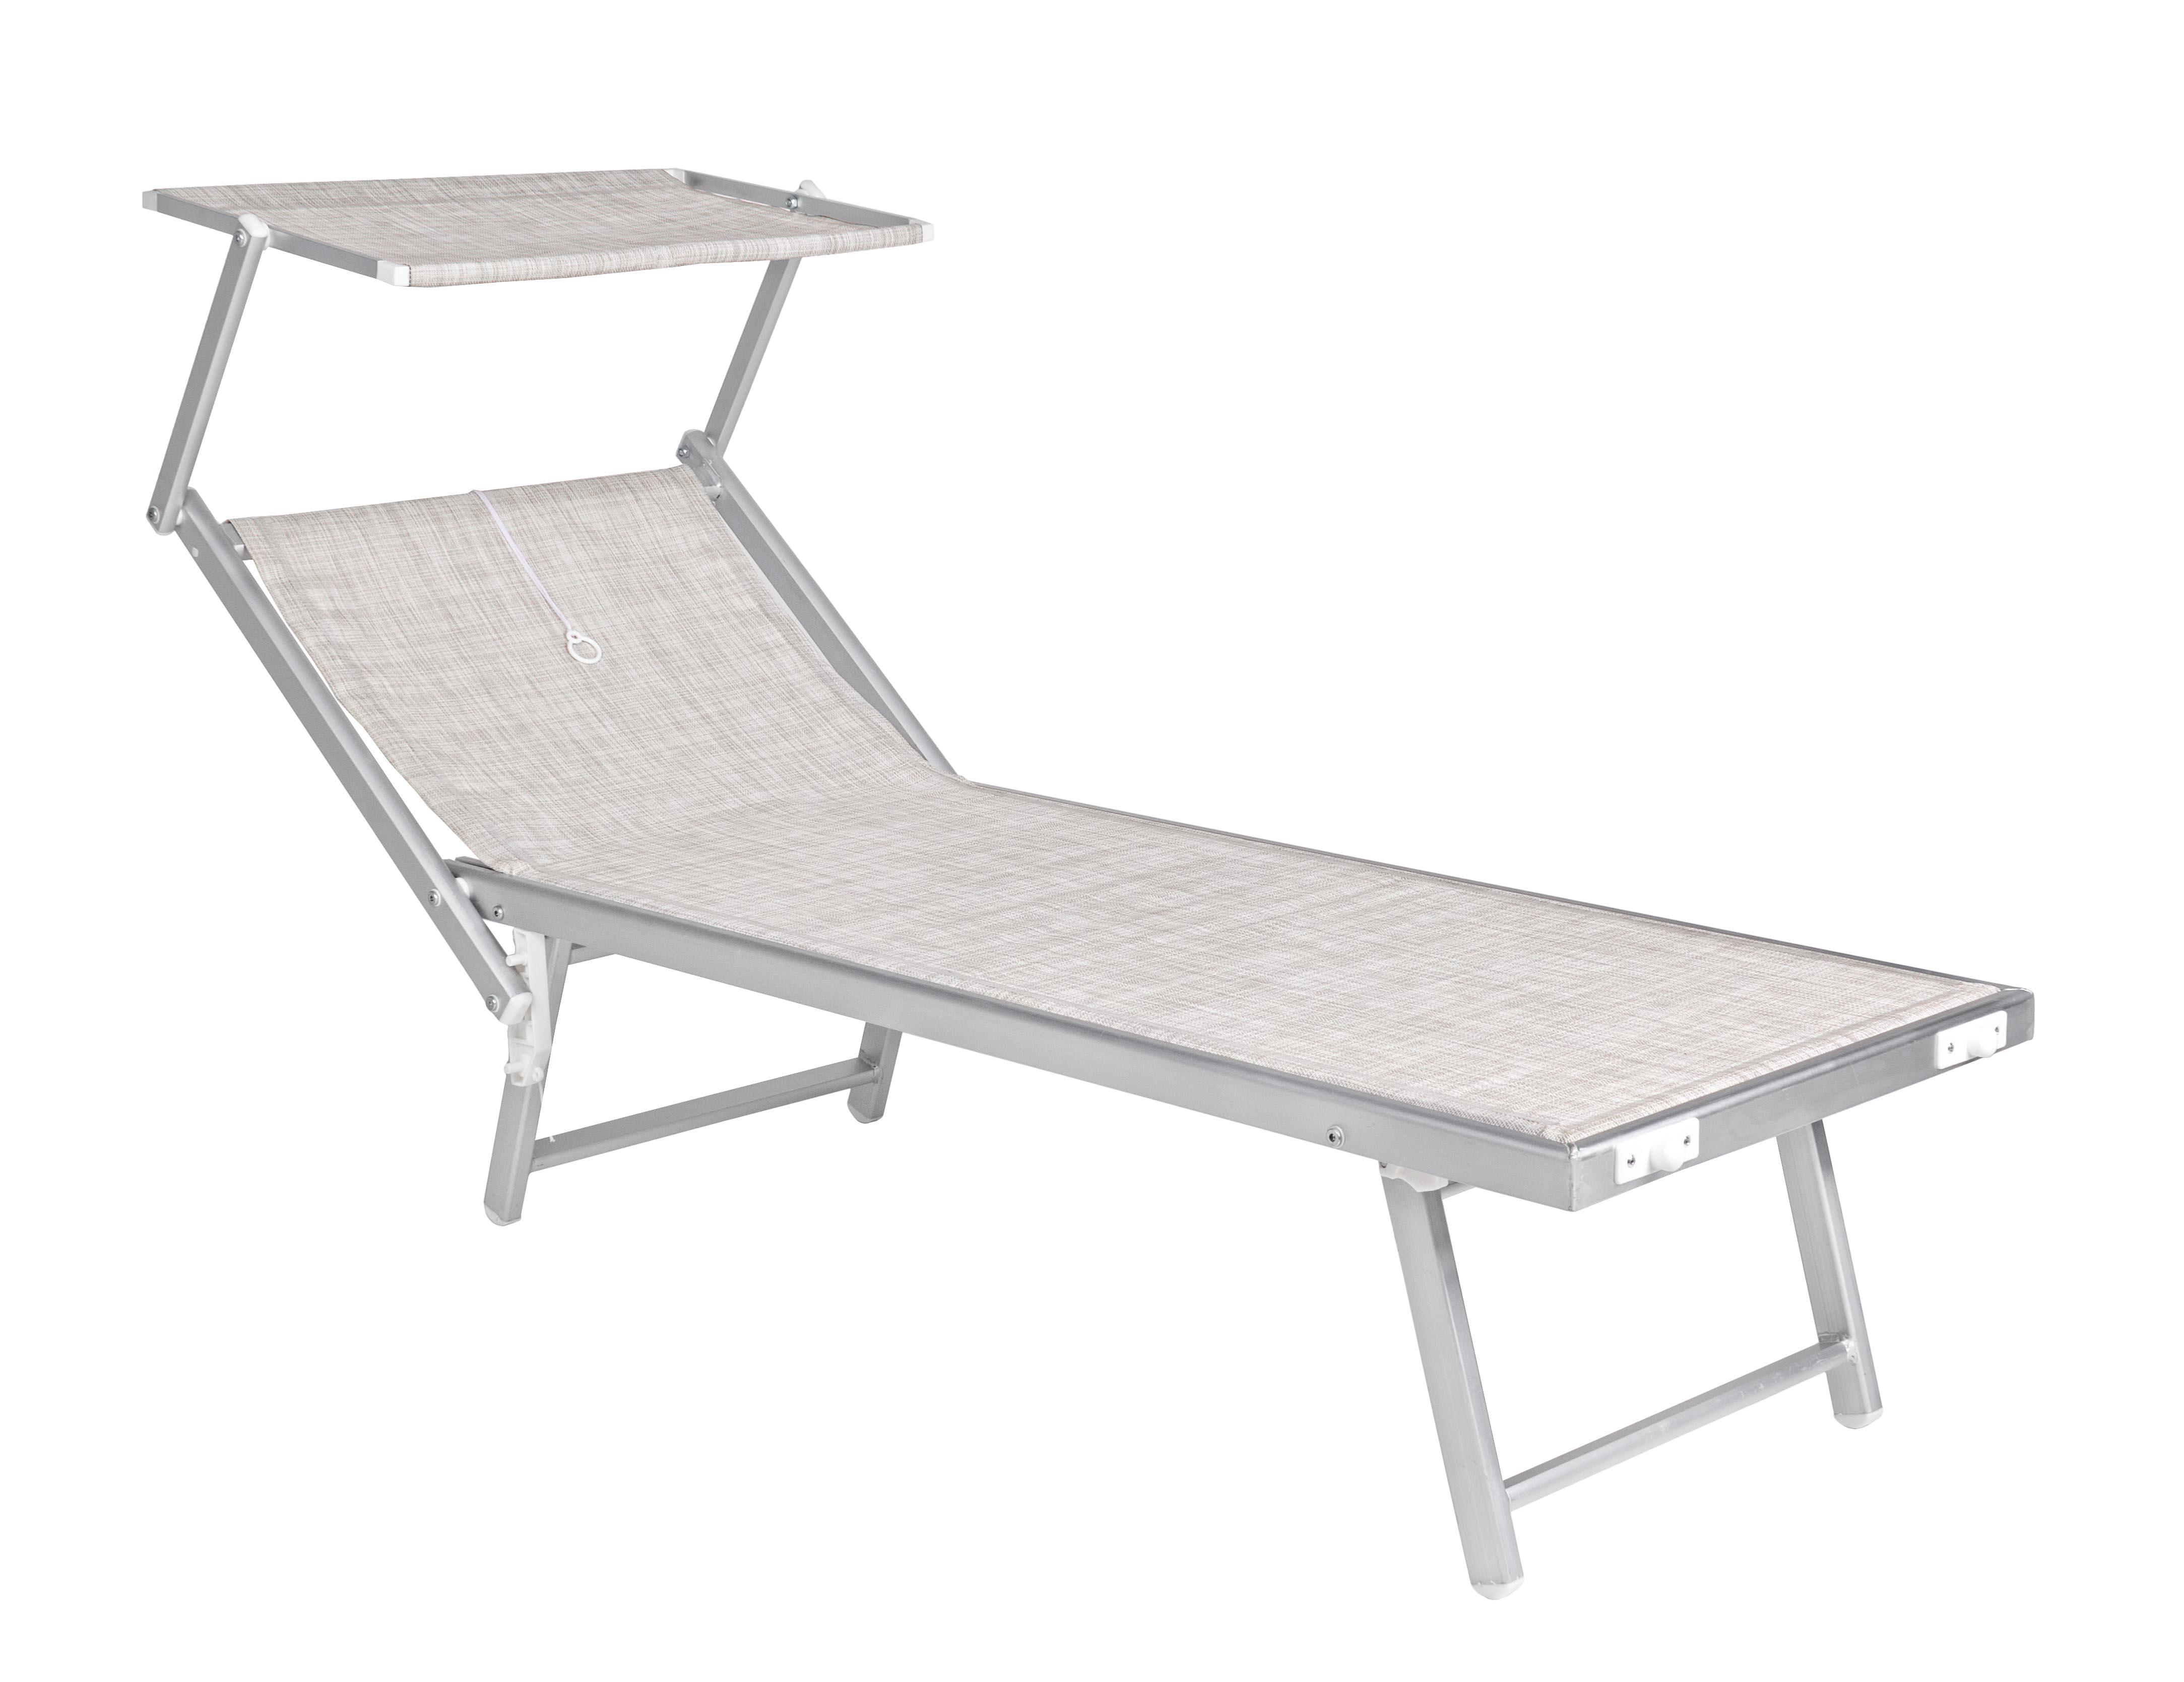 Lettino mare alluminio colore inox ocean grigio mare - Lettino piscina alluminio ...